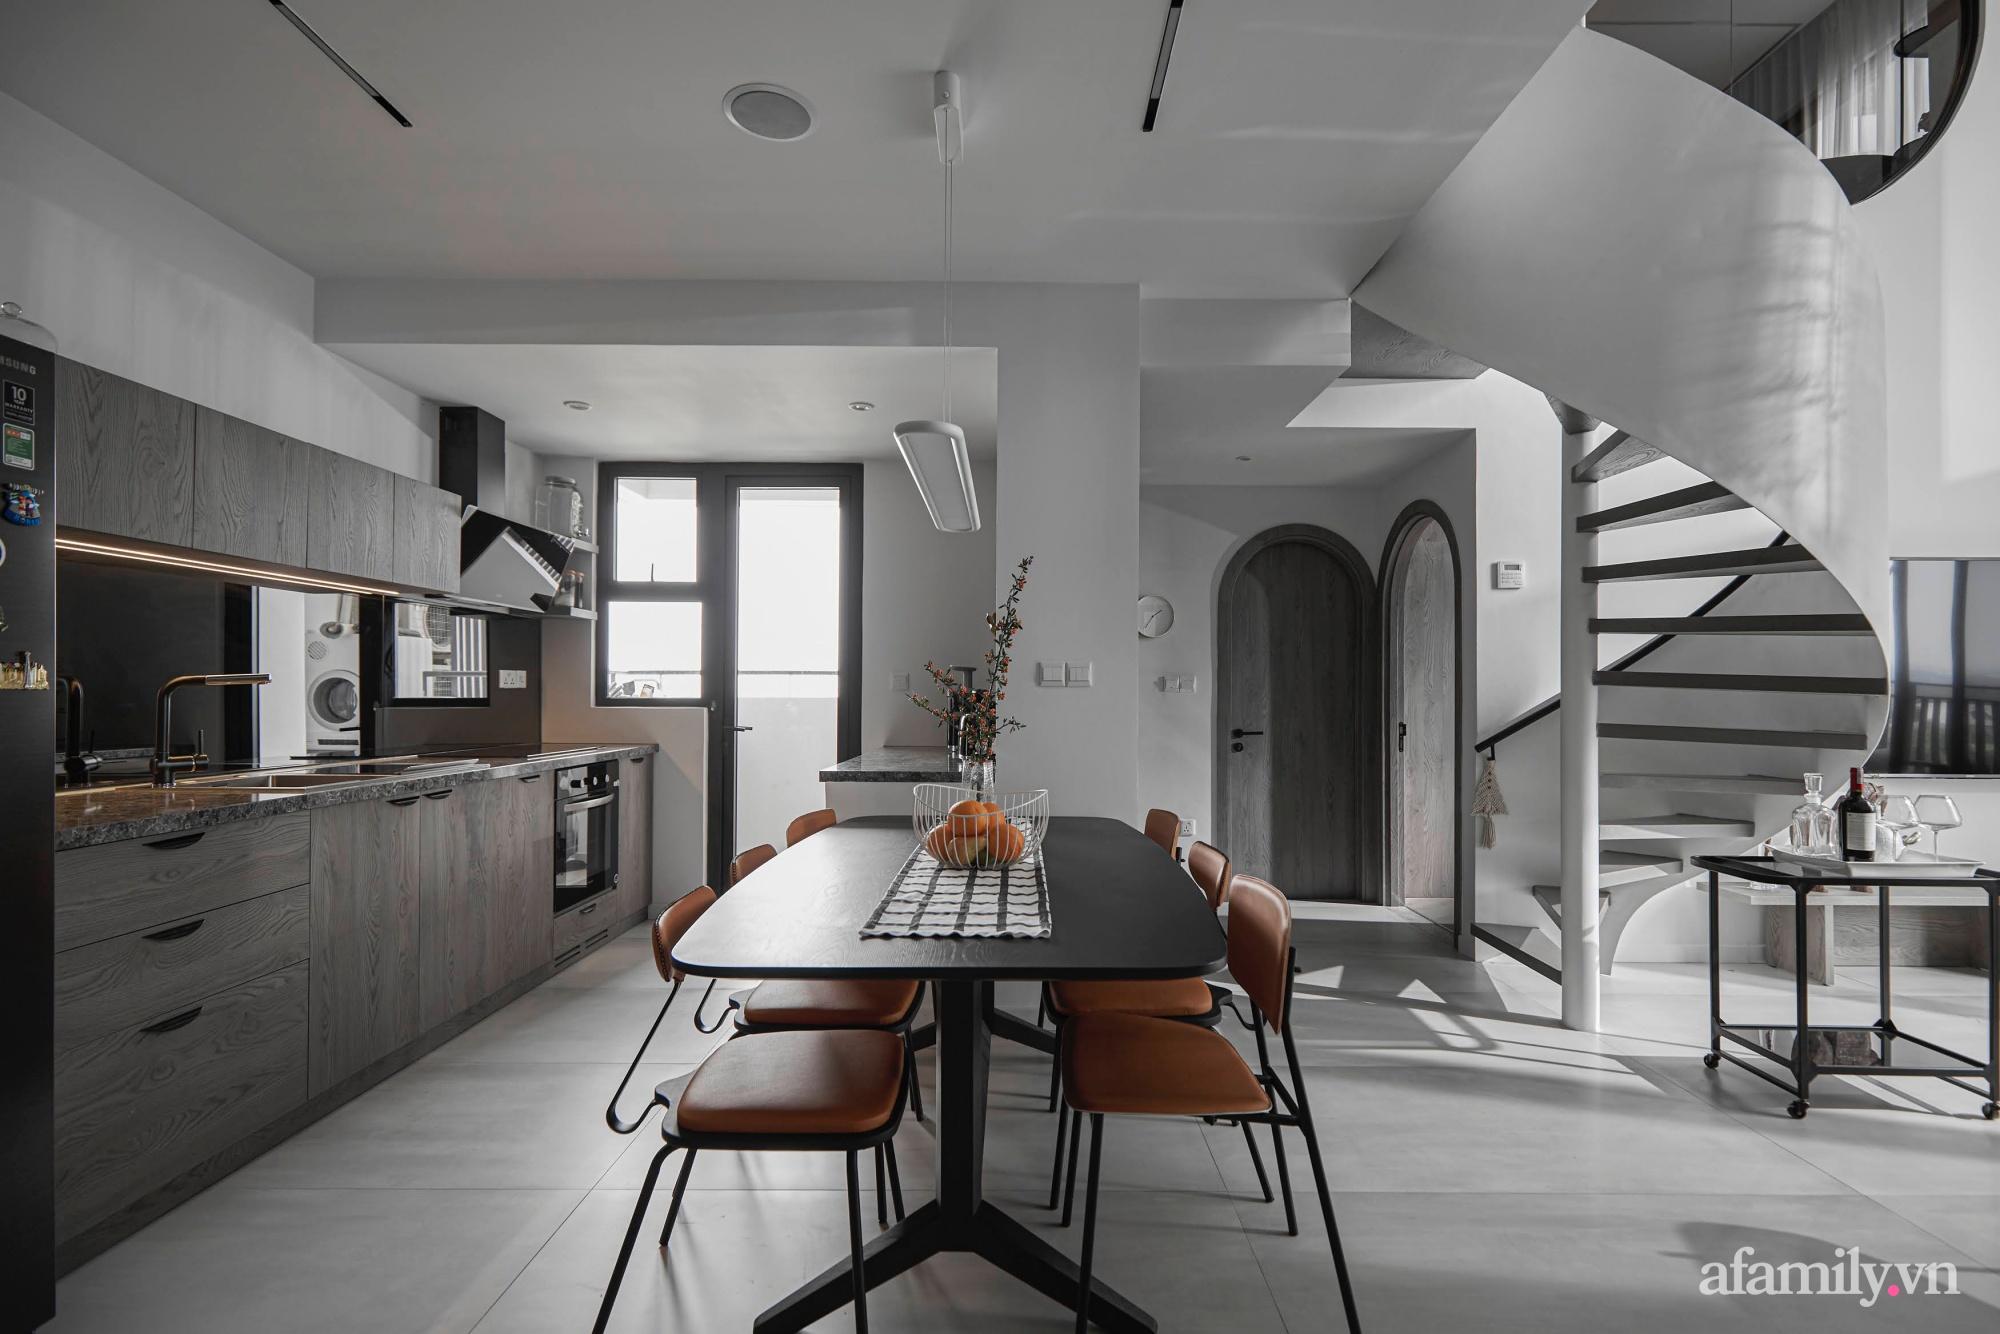 Căn hộ 2 tầng rộng 145m² đẹp sang trọng với điểm nhấn mộc mạc từ chất liệu bê tông ở Sài Gòn - Ảnh 7.